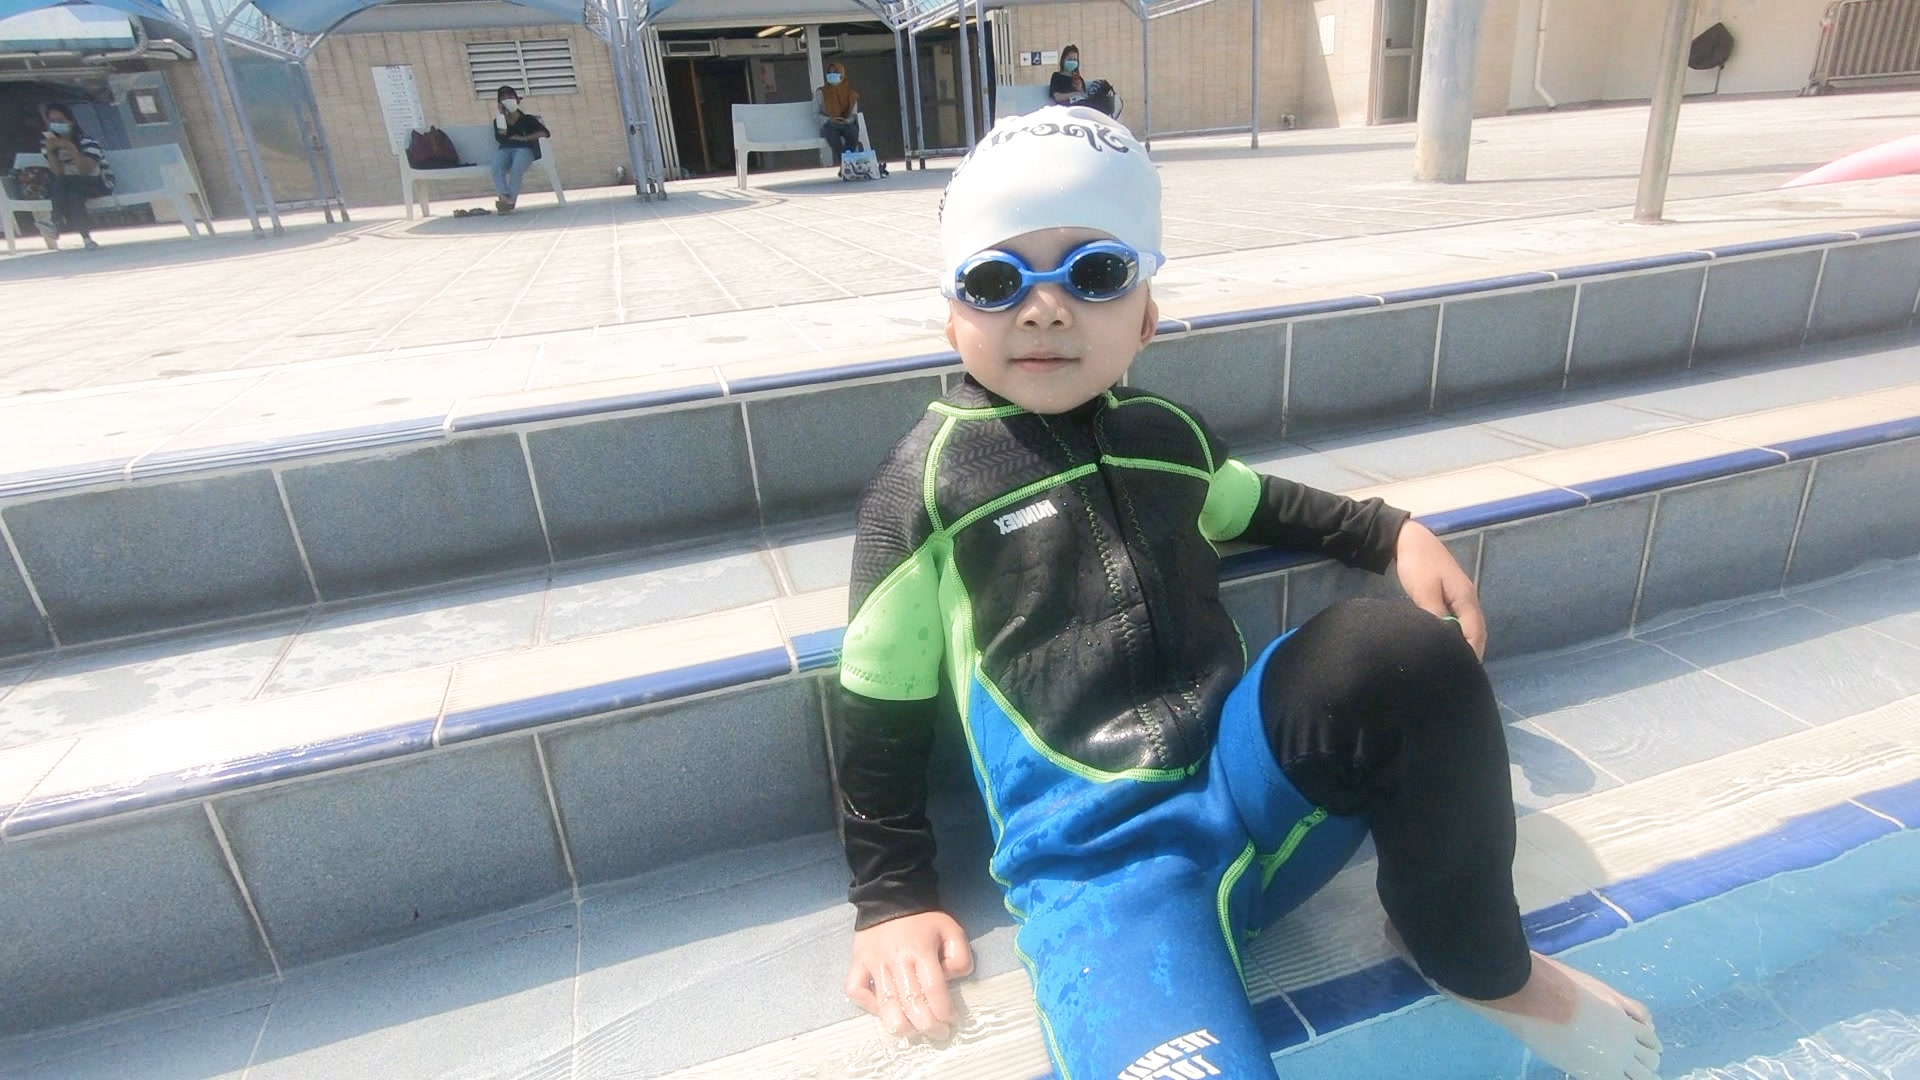 原來可以咁型,快d游到個25m啦 #游到仲型🎥 有意報名請聯絡 游泳健身教練Ching Hei  ☎️致電: +852 96848781 按以下鏈結在whatsapp 查詢或預約 https://api.whatsapp.com/send?phone=85296848781